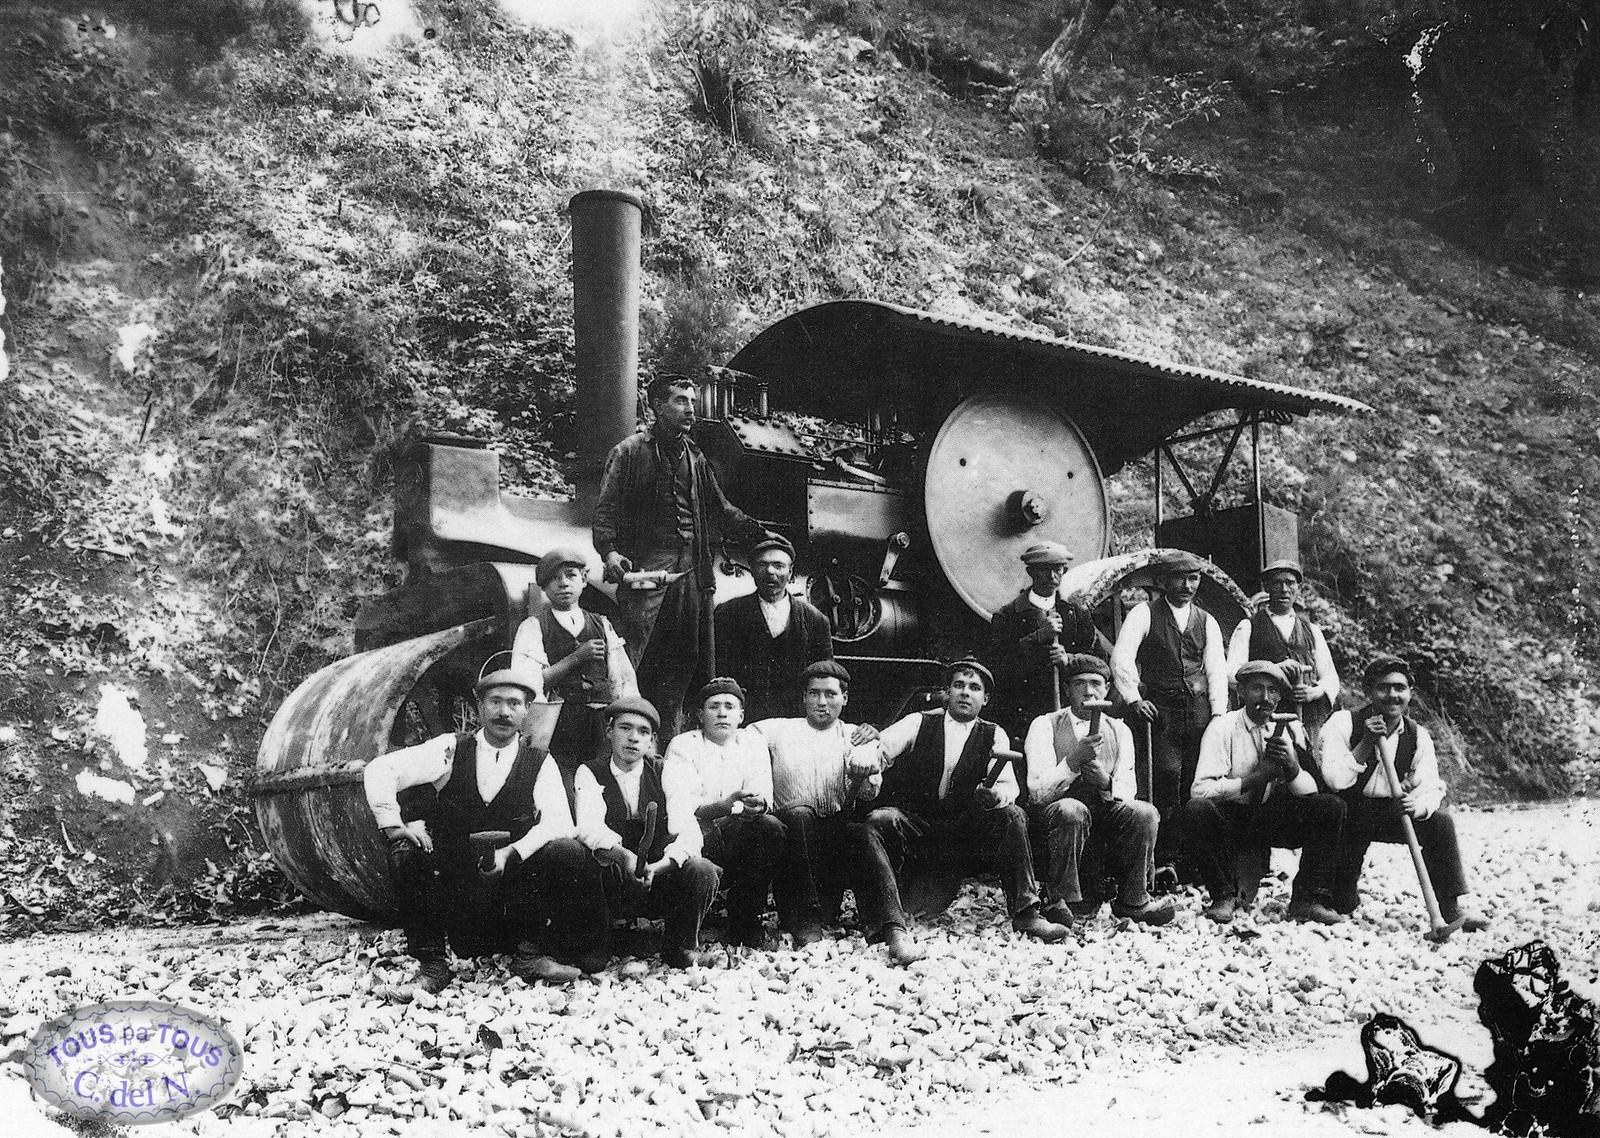 1920 - Picapedreros